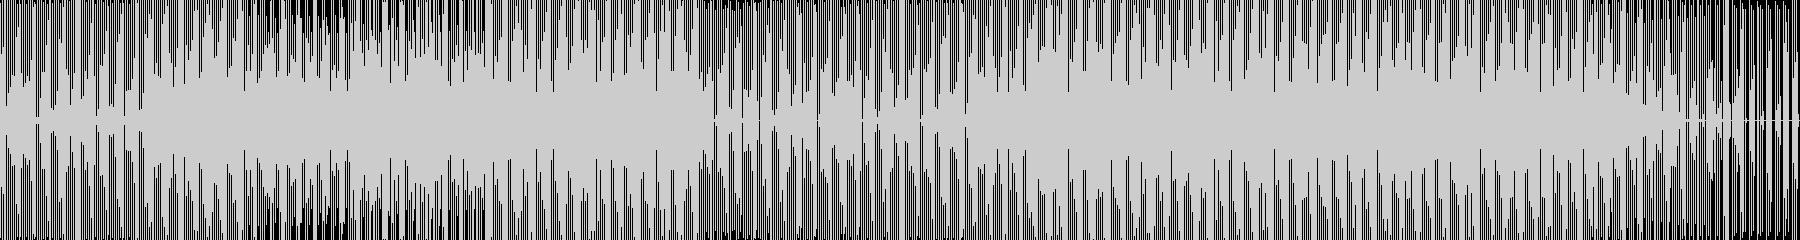 ダンス、テクノ。剥き出しのサウンド...の未再生の波形